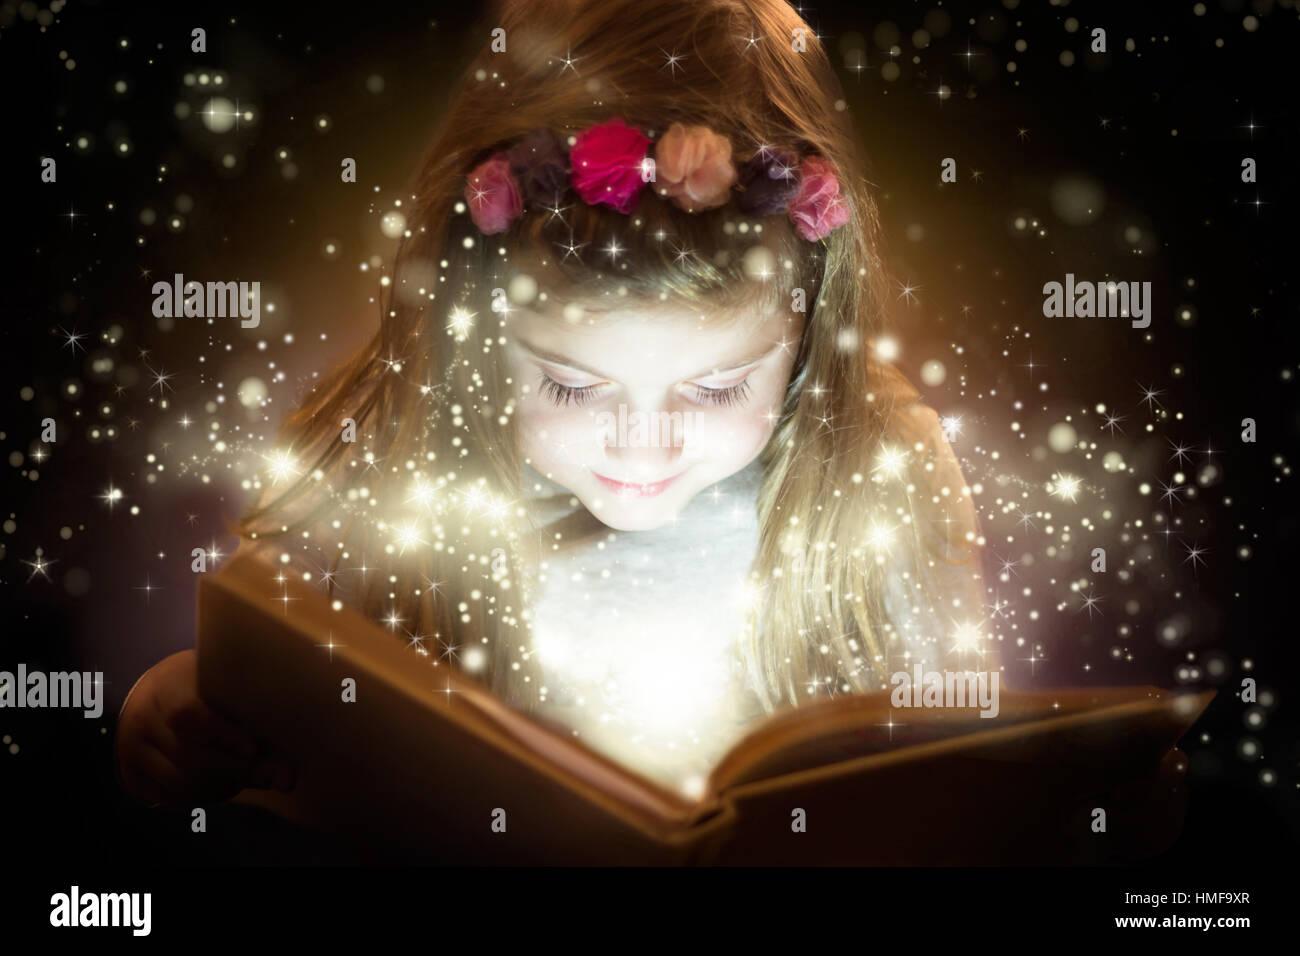 Belle petite fille lecture livre de magie, fantaisie concept Photo Stock